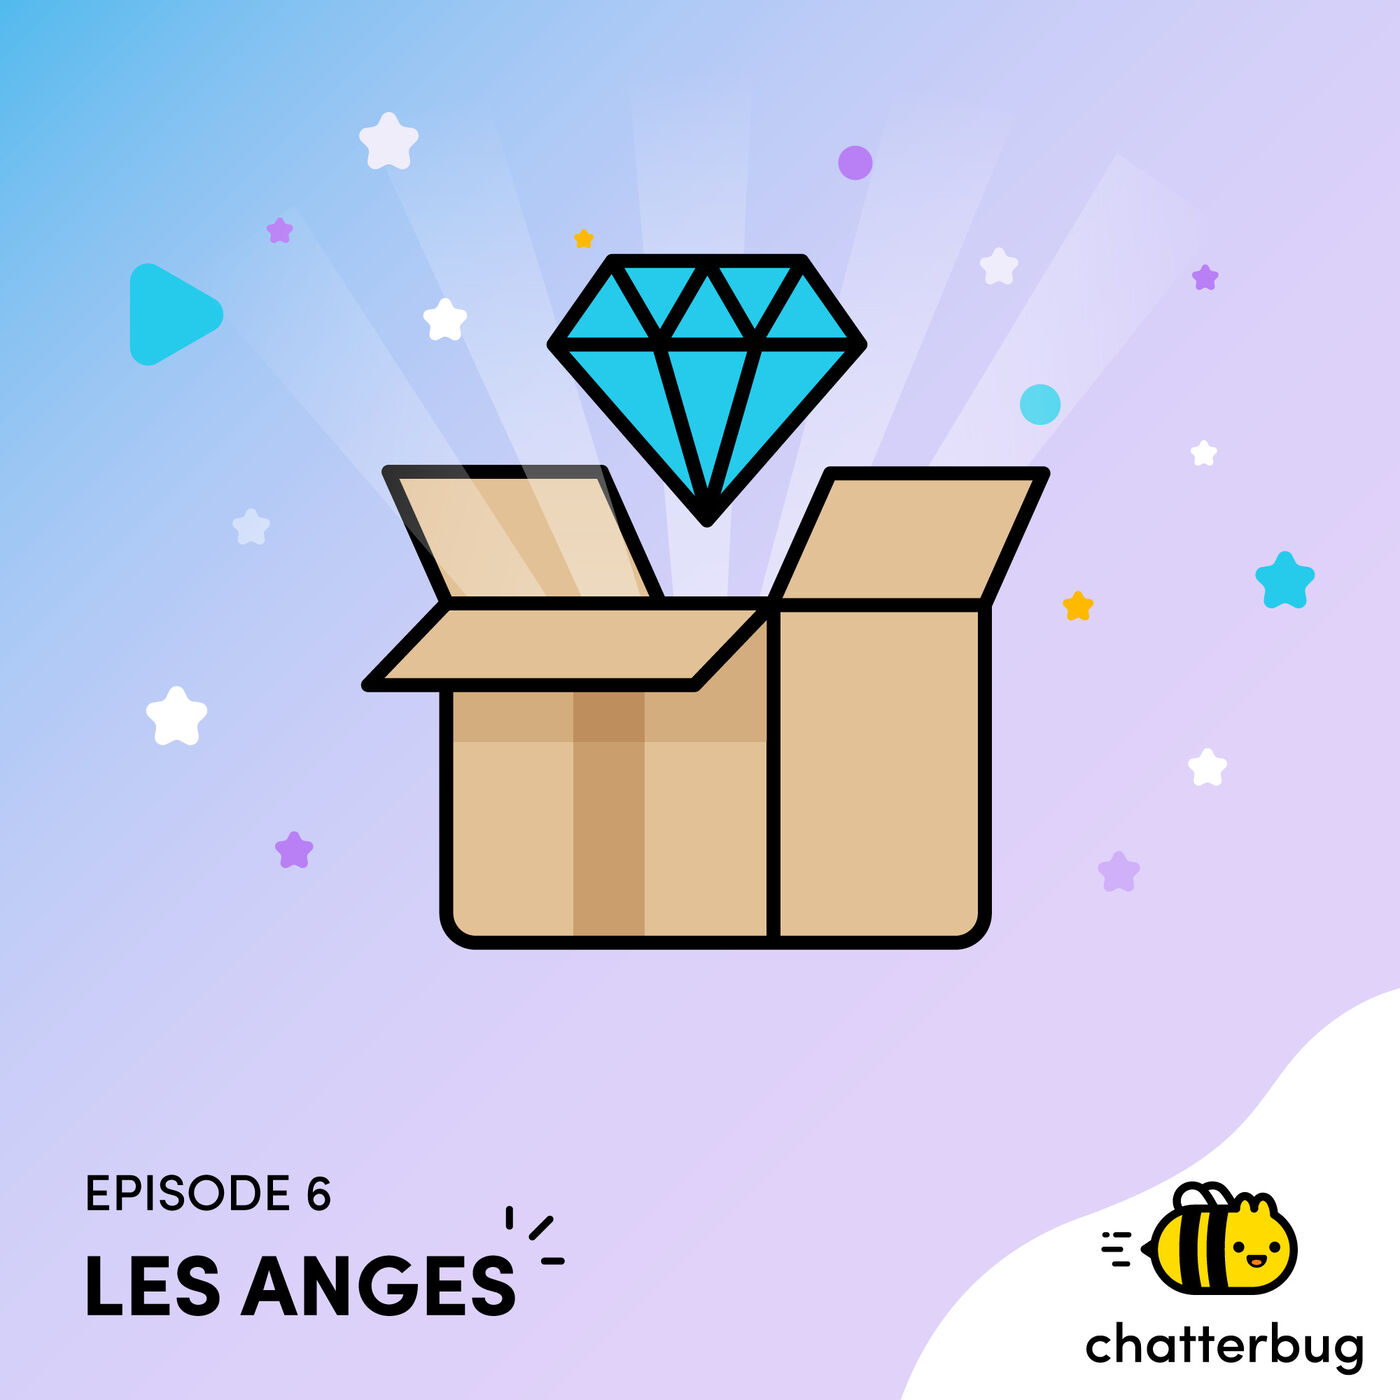 Episode 6 - Les Anges